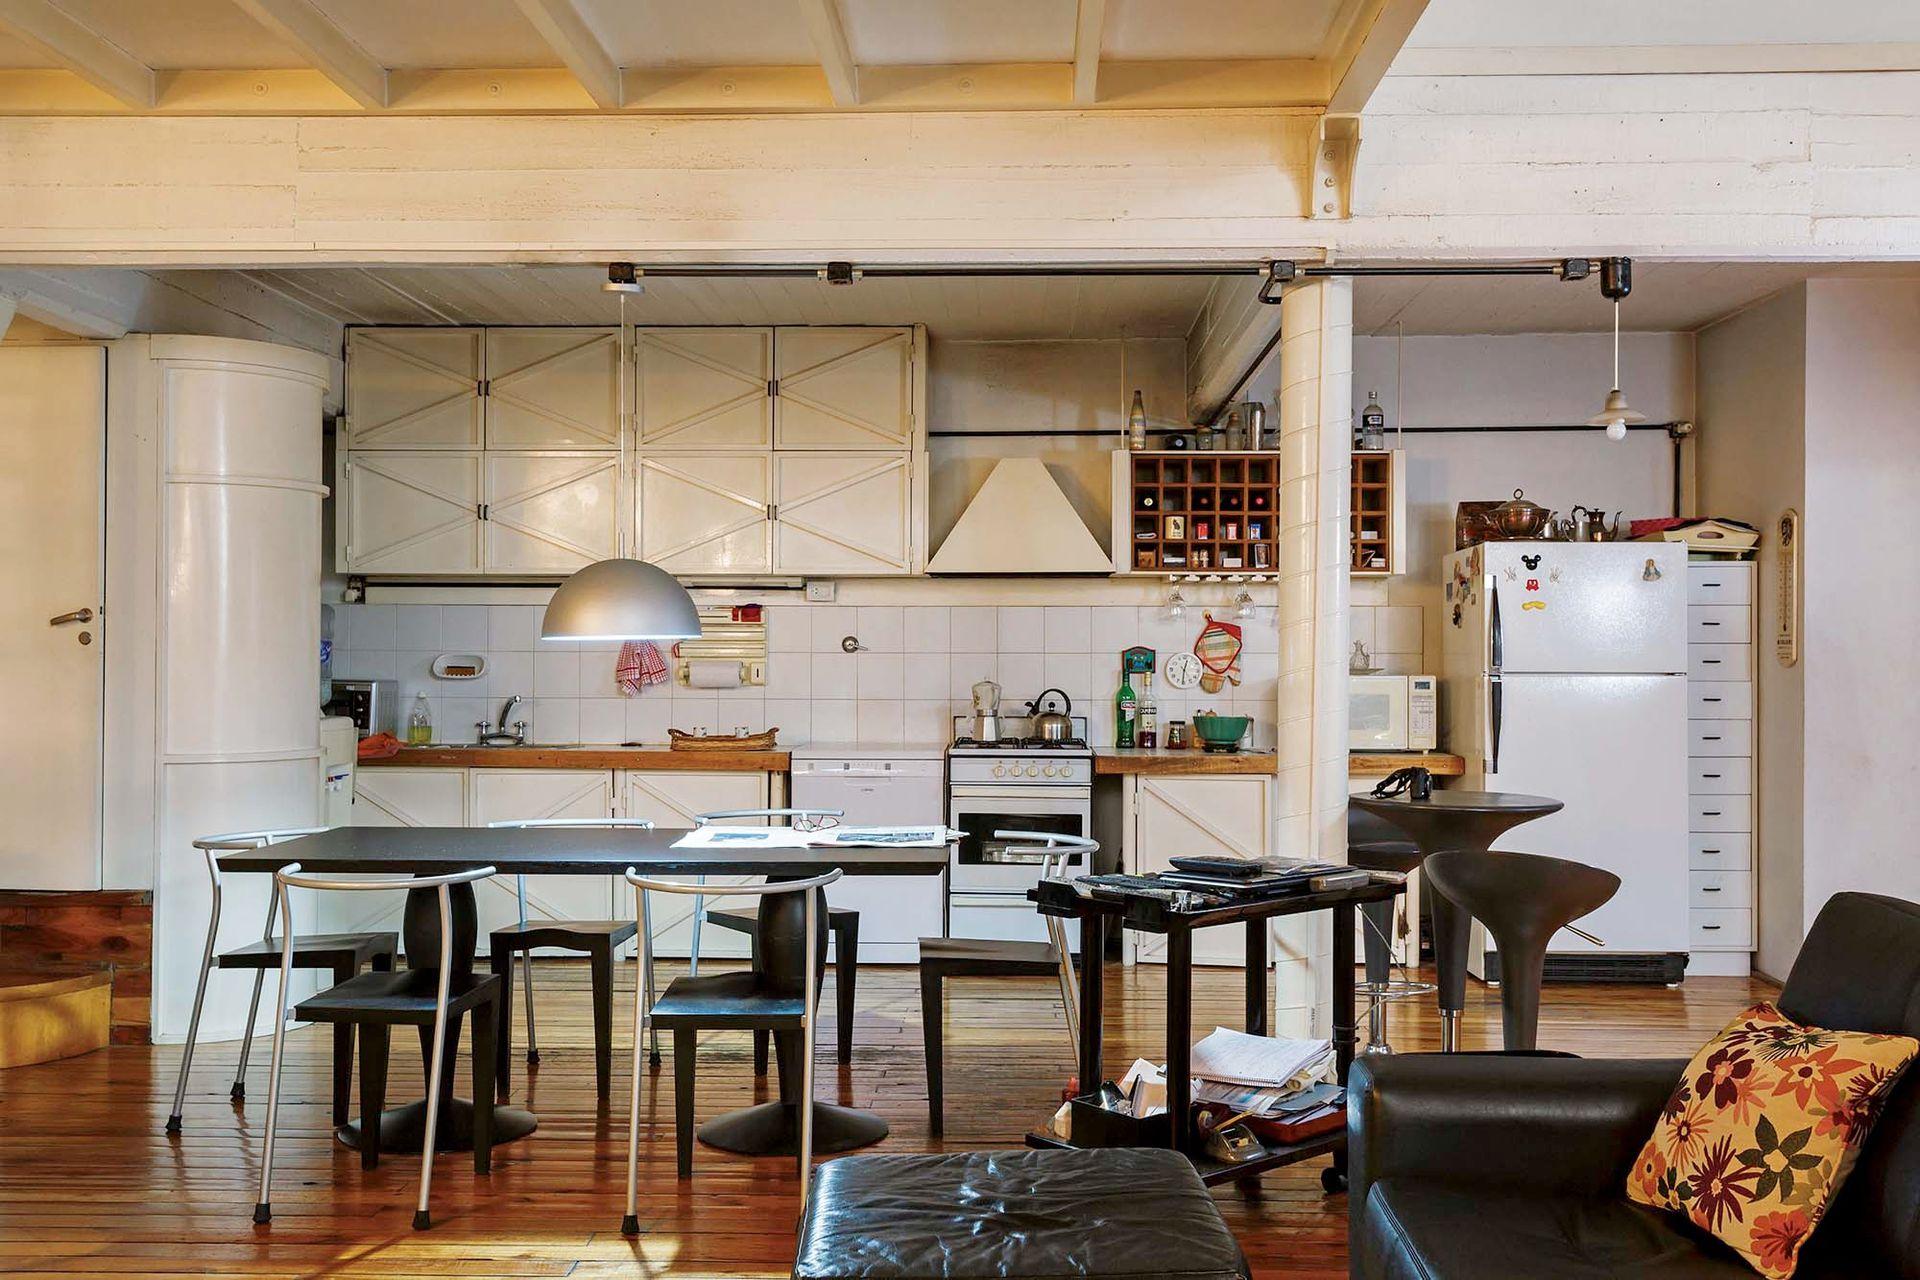 La planta baja es abierta: contiene el living, la oficina, la cocina y el comedor.